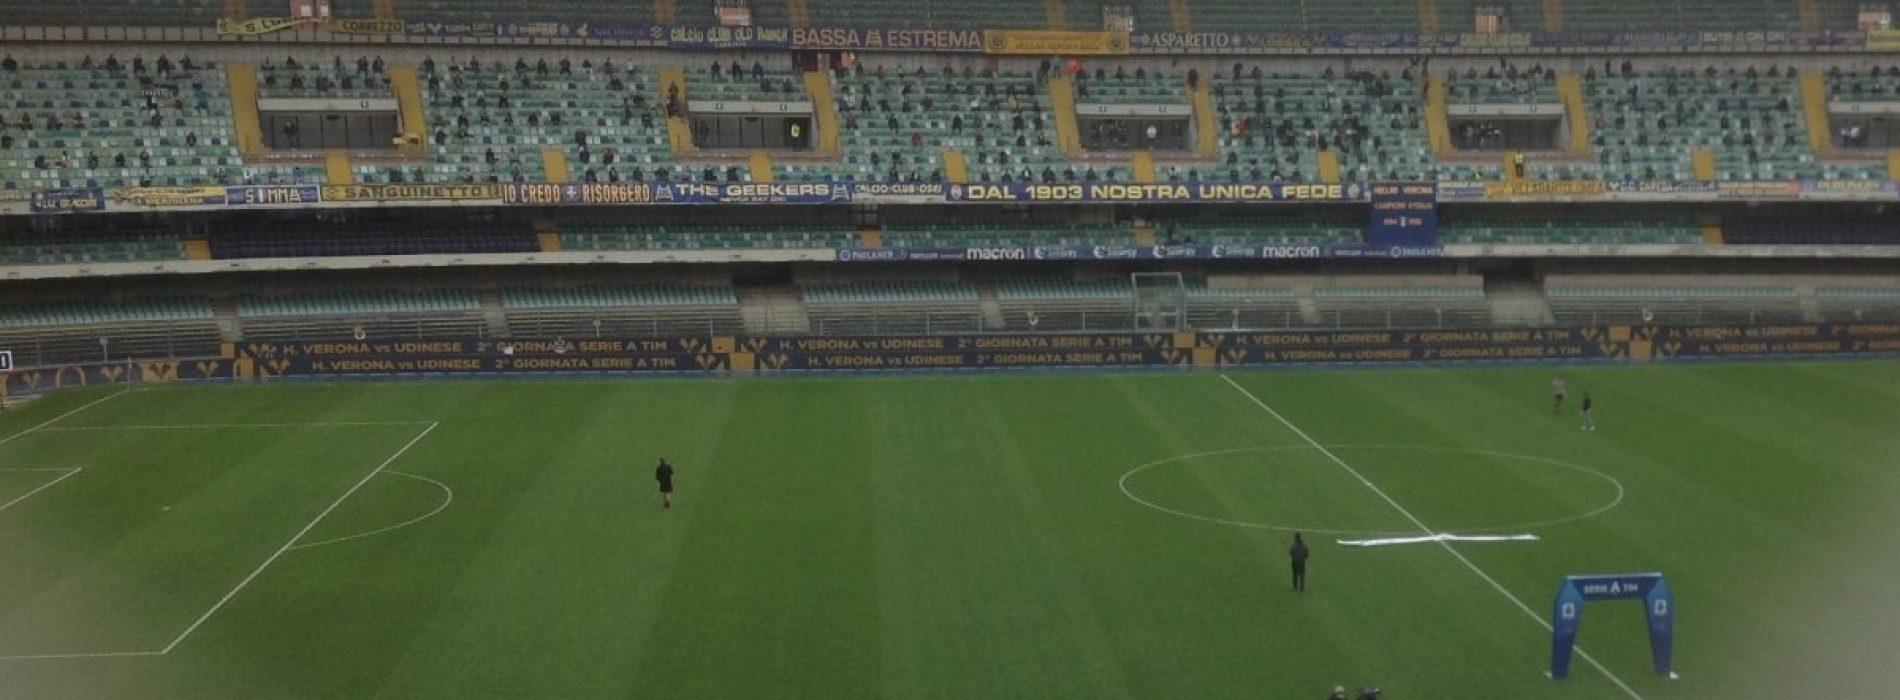 Verona-Cagliari apre la domenica della 10a giornata: cronaca e tabellino [LIVE]